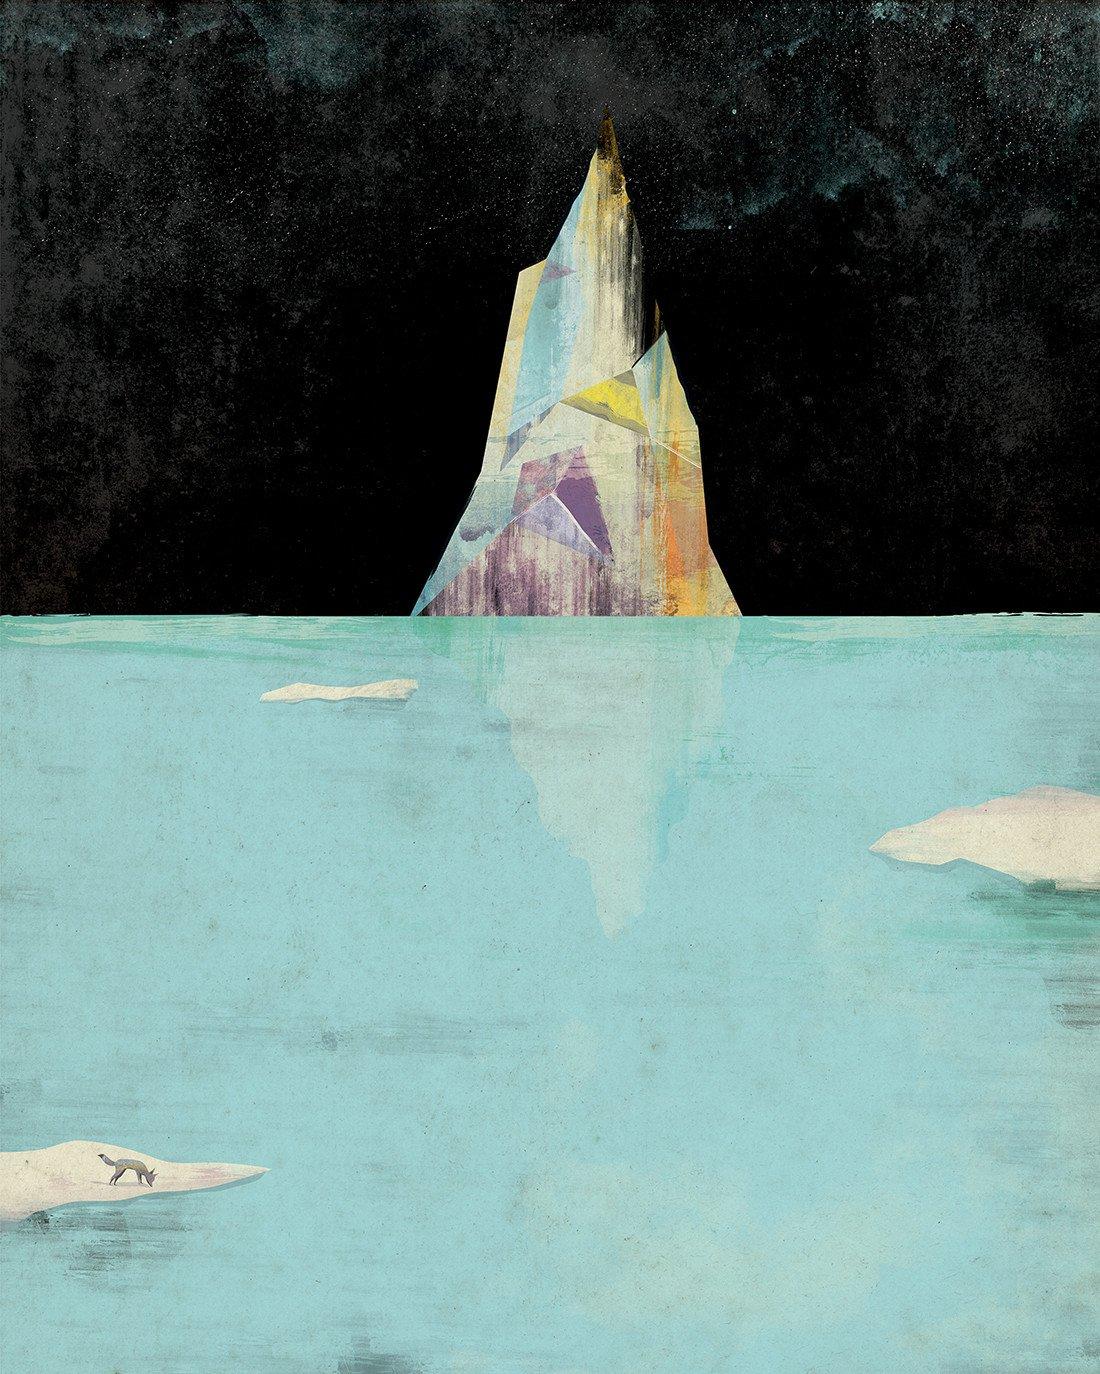 Lo stile inconfondibile delle illustrazioni di Andrew Bannecker   Collater.al 6